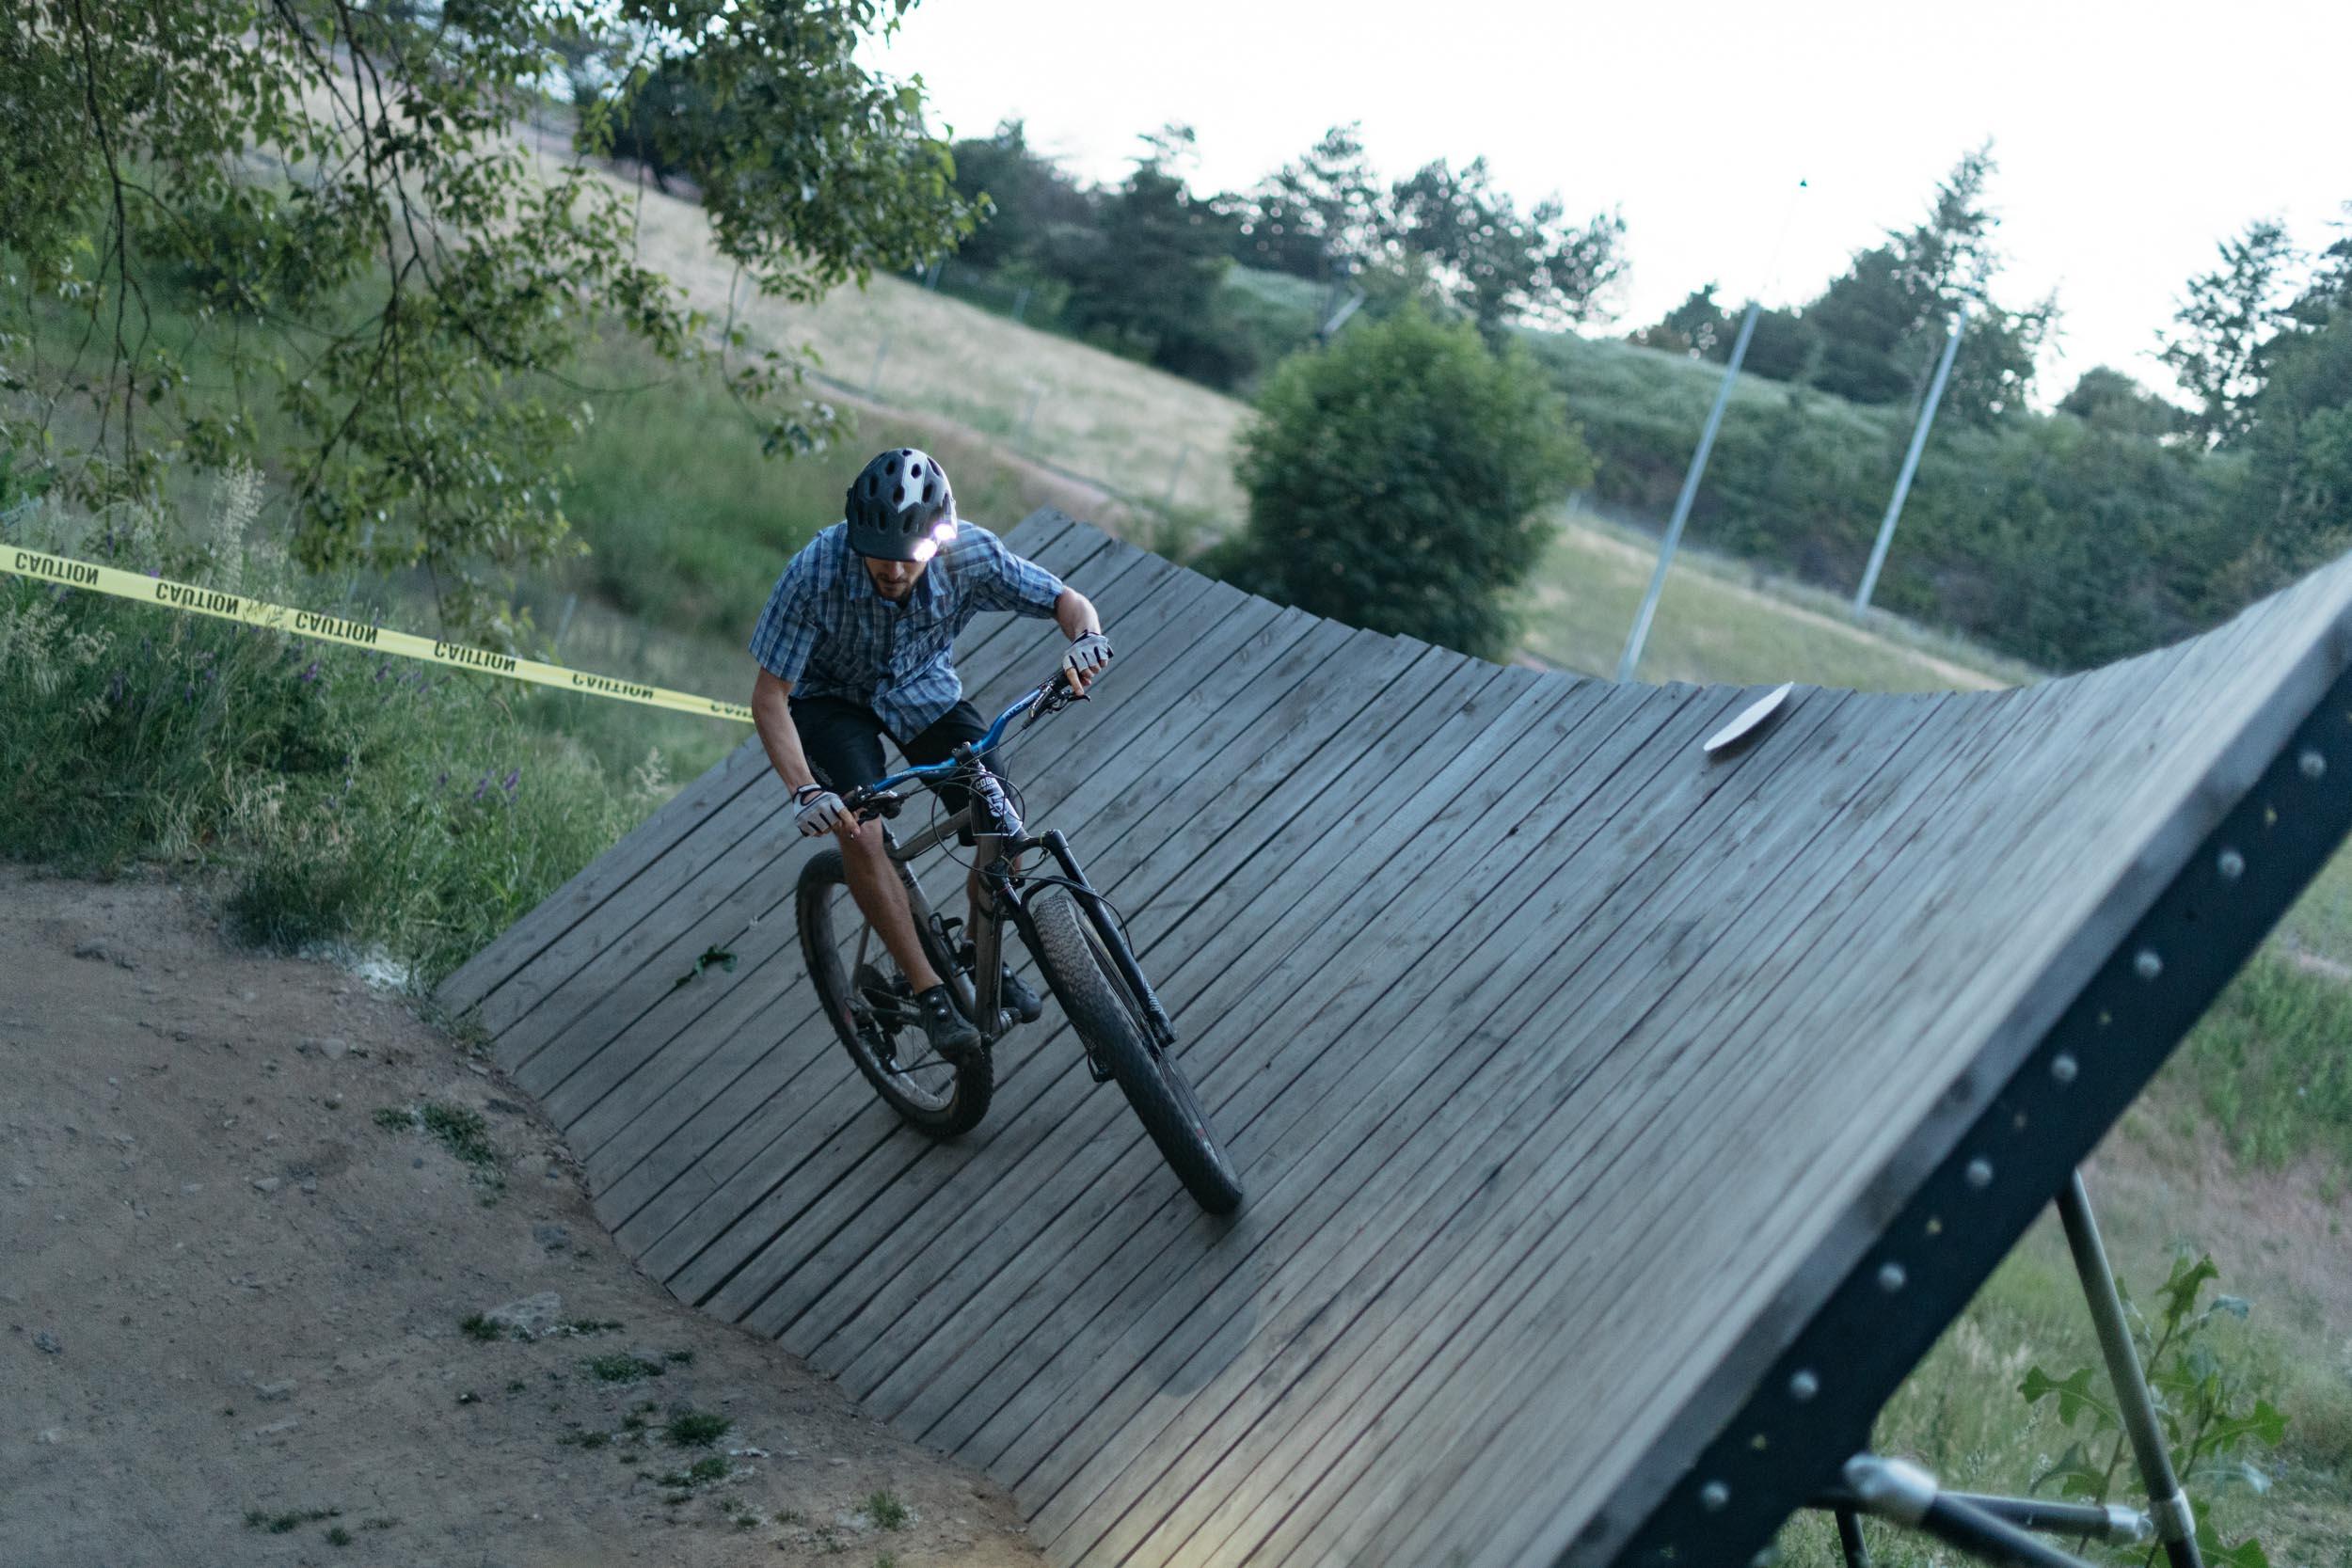 COBRA_Racing_Gateway_Miguel_Race_52.jpg